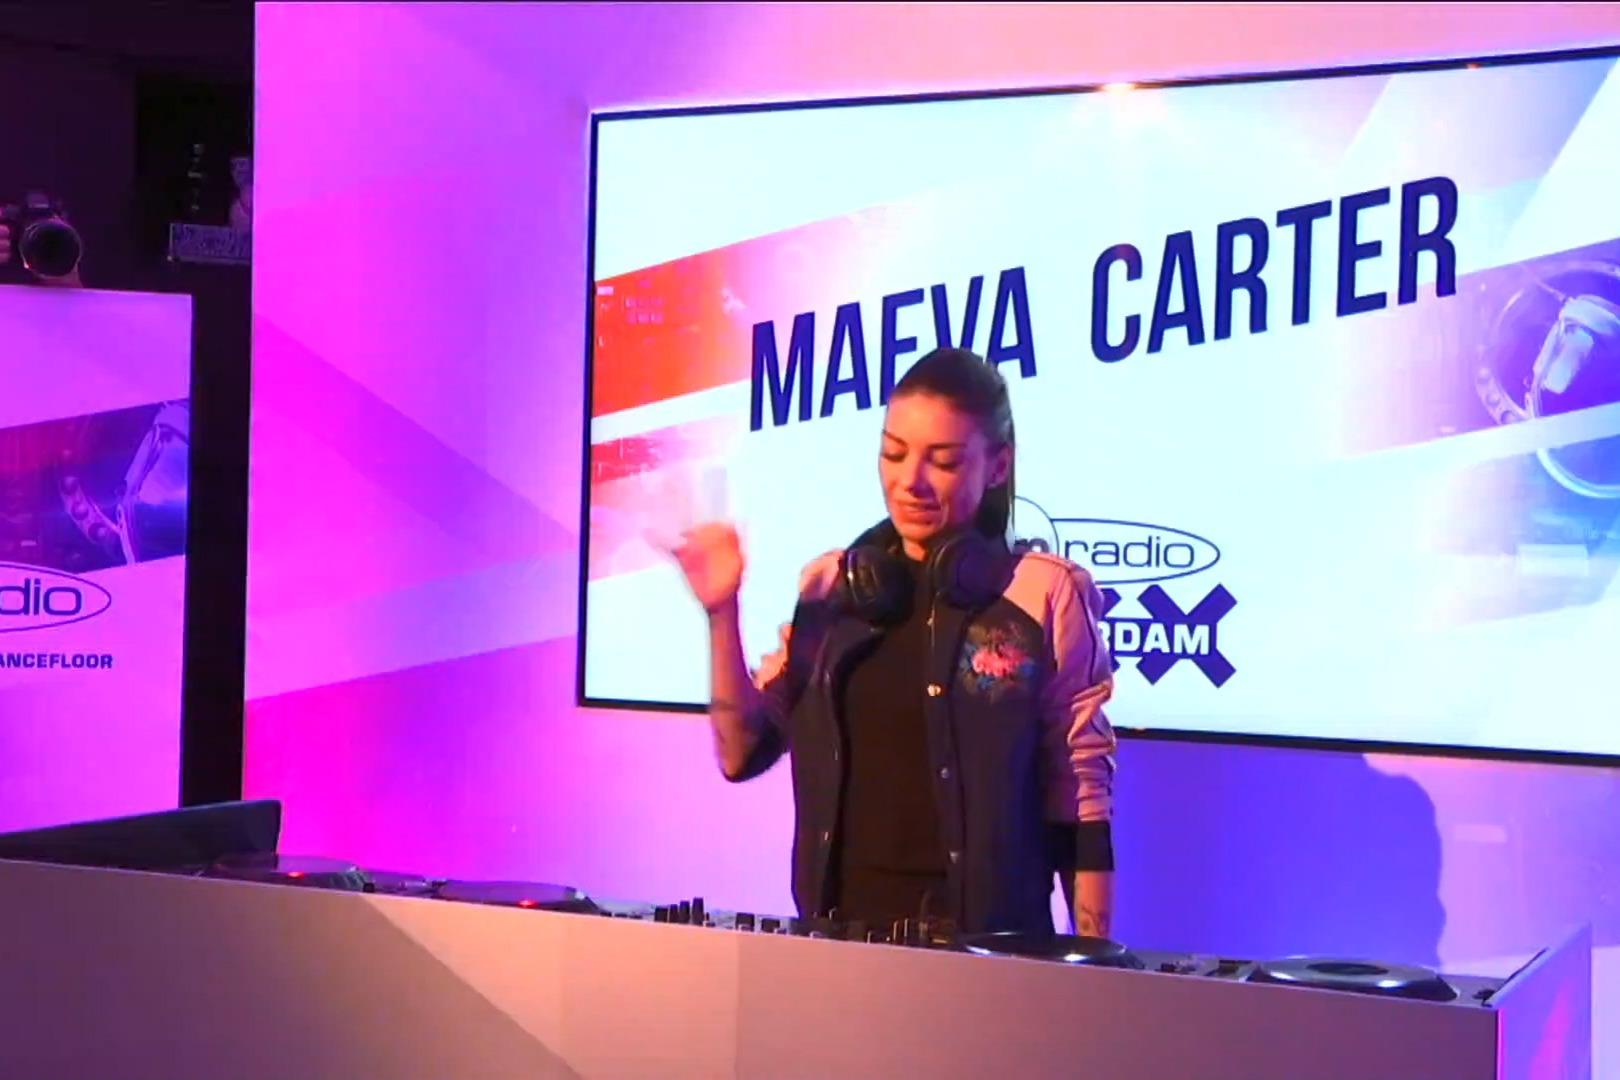 Maeva Carter en interview et en mix dans Fun Radio Amsterdam